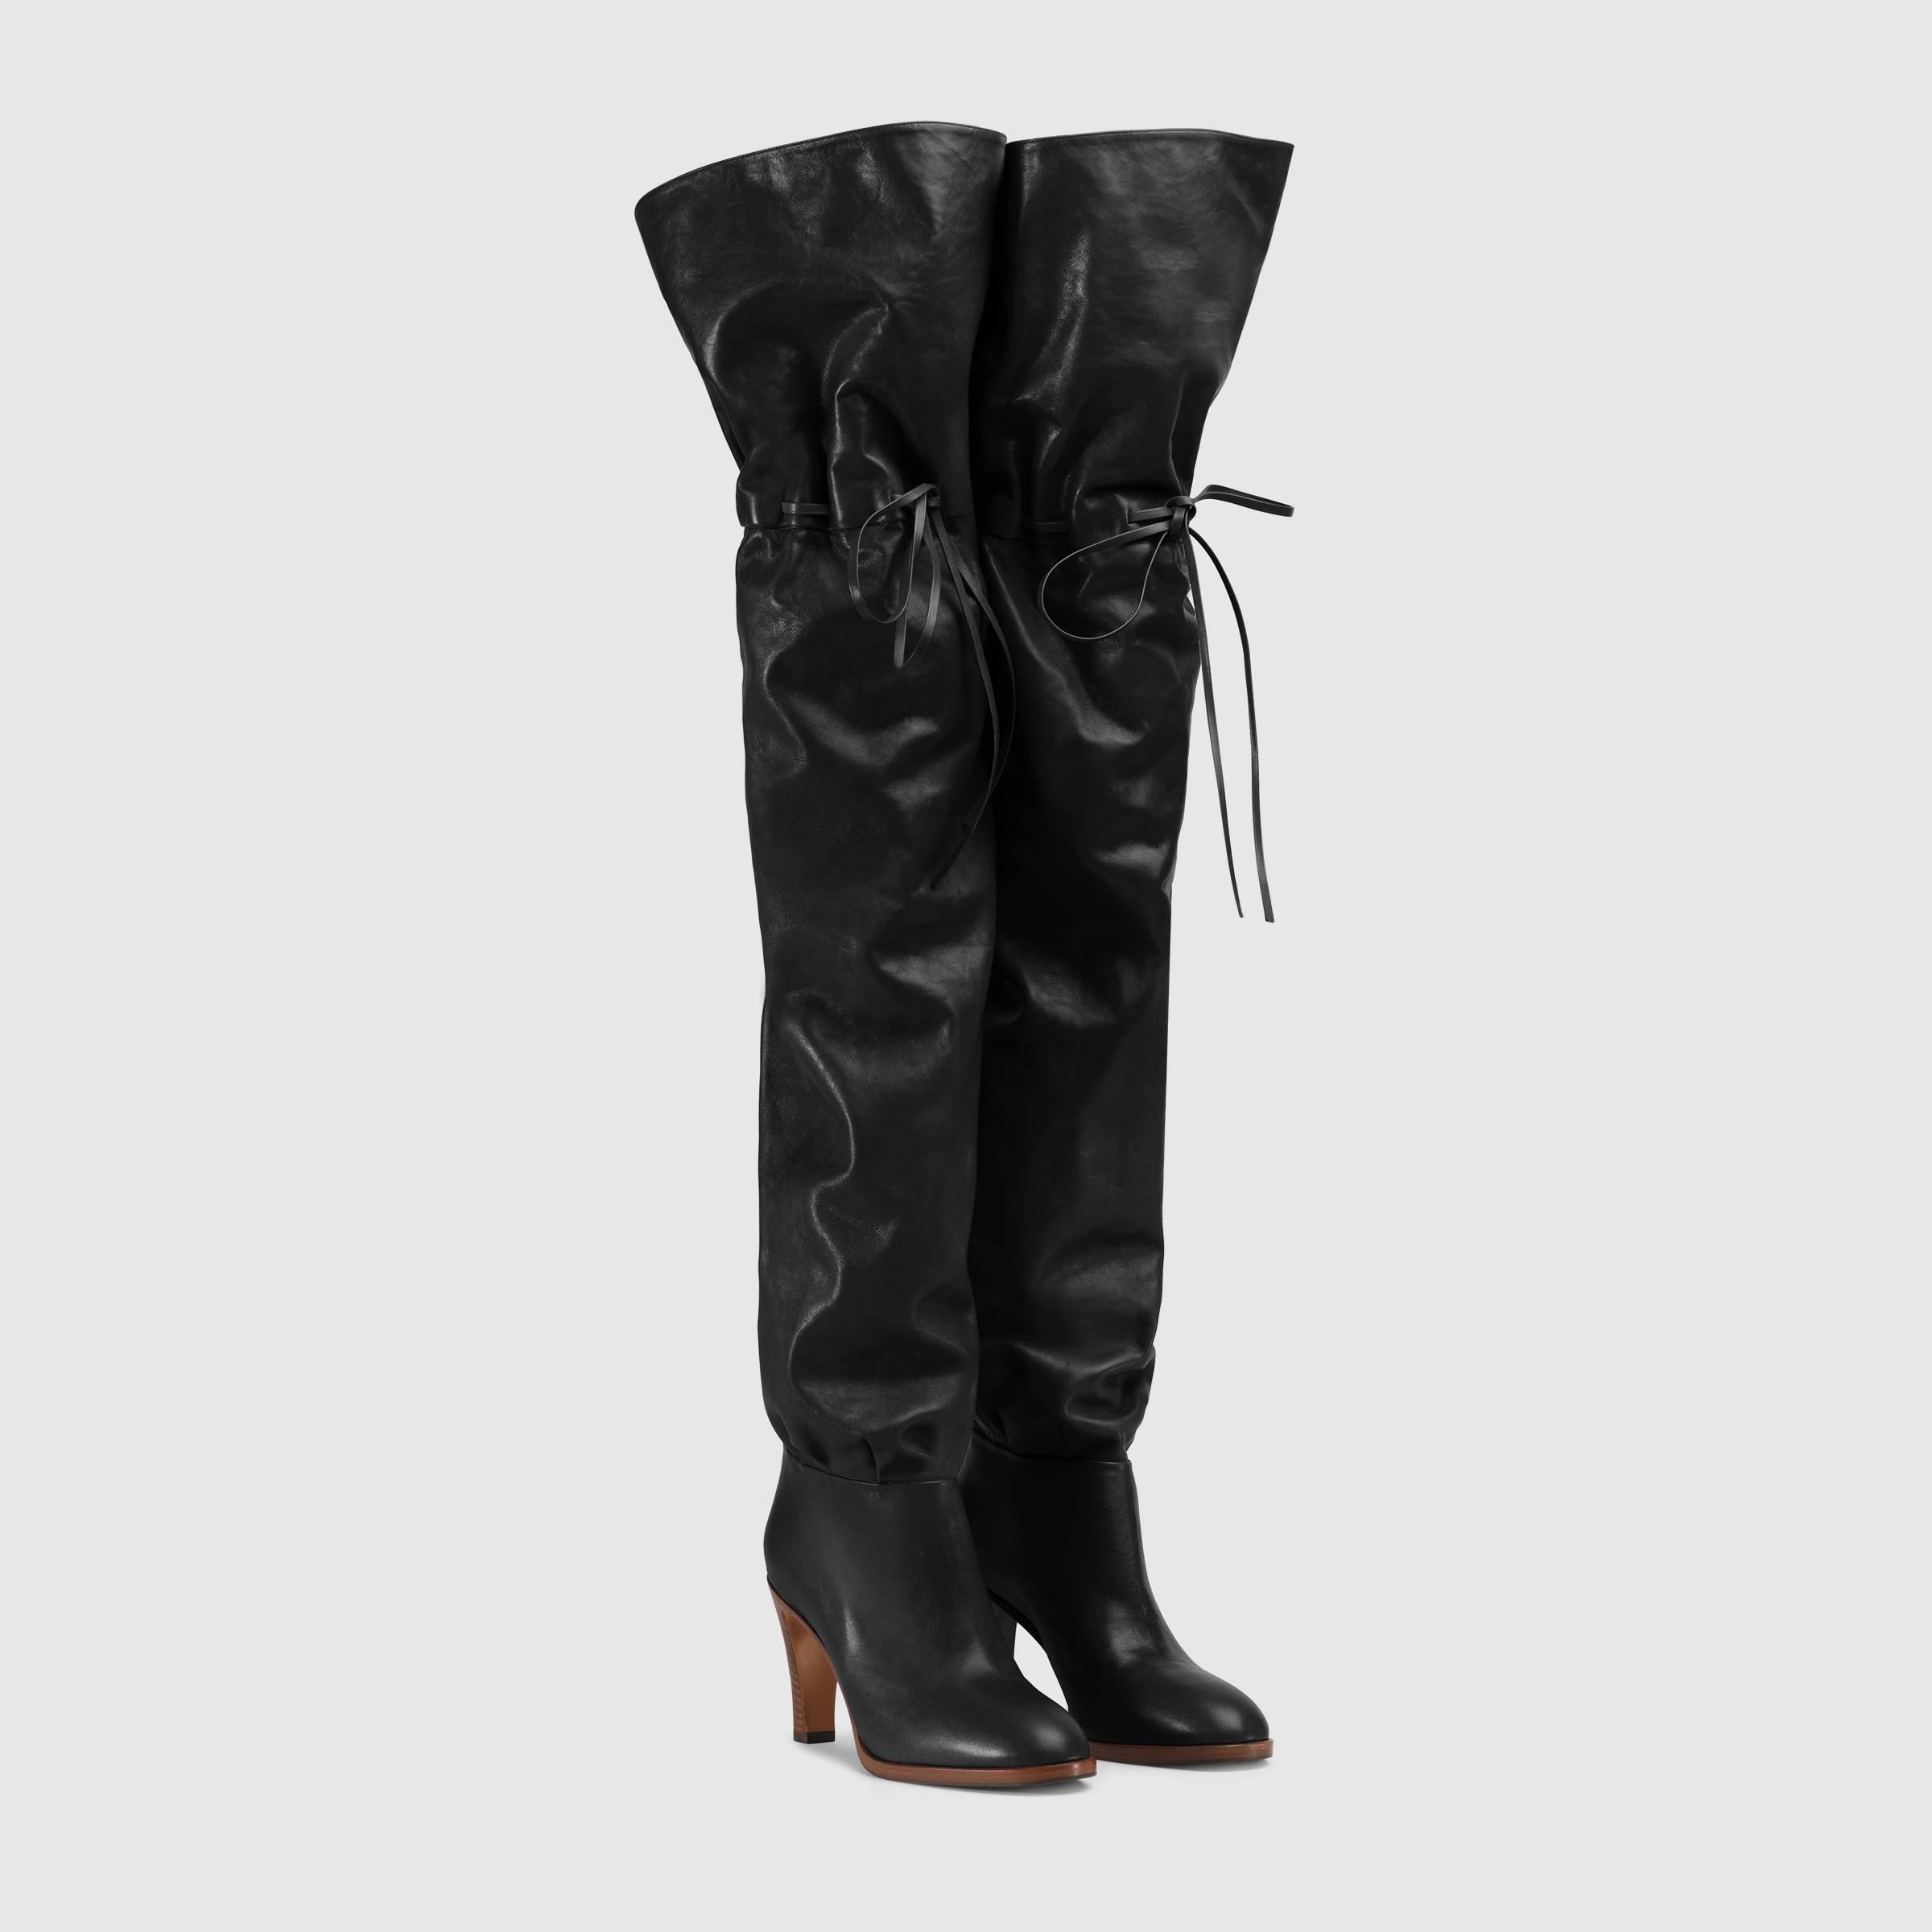 Stivali cuissard sopra il ginocchio Gucci a 2850 euro autunno inverno 2018 2019